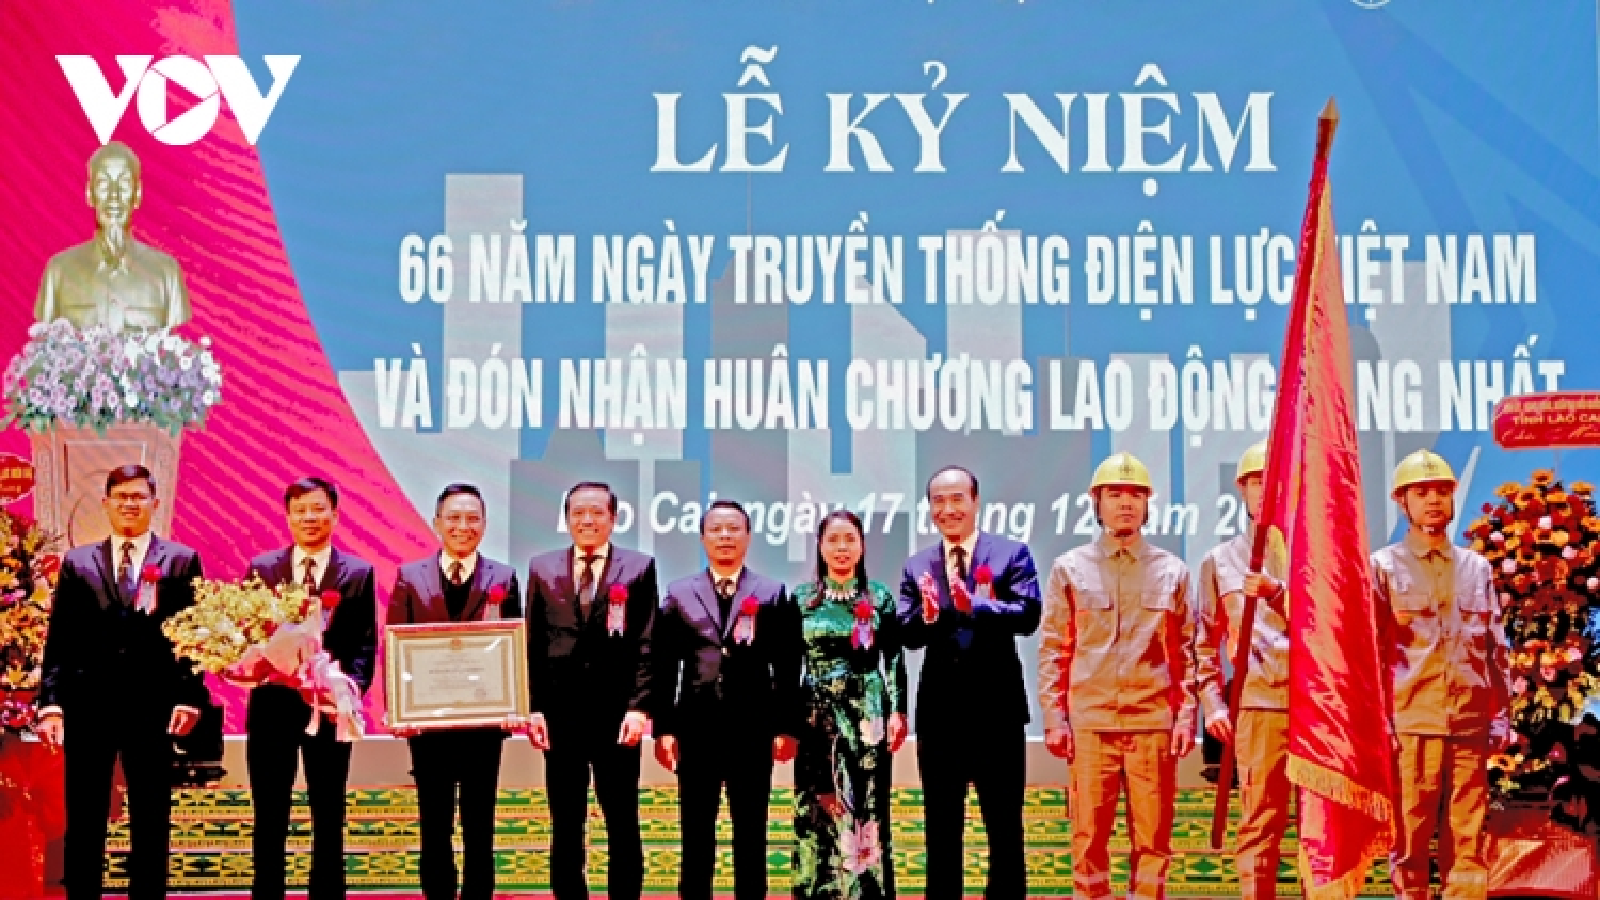 Tỷ lệ tổn thất điện năng của Điện lực Lào Cai đứng TOP 3 toàn quốc